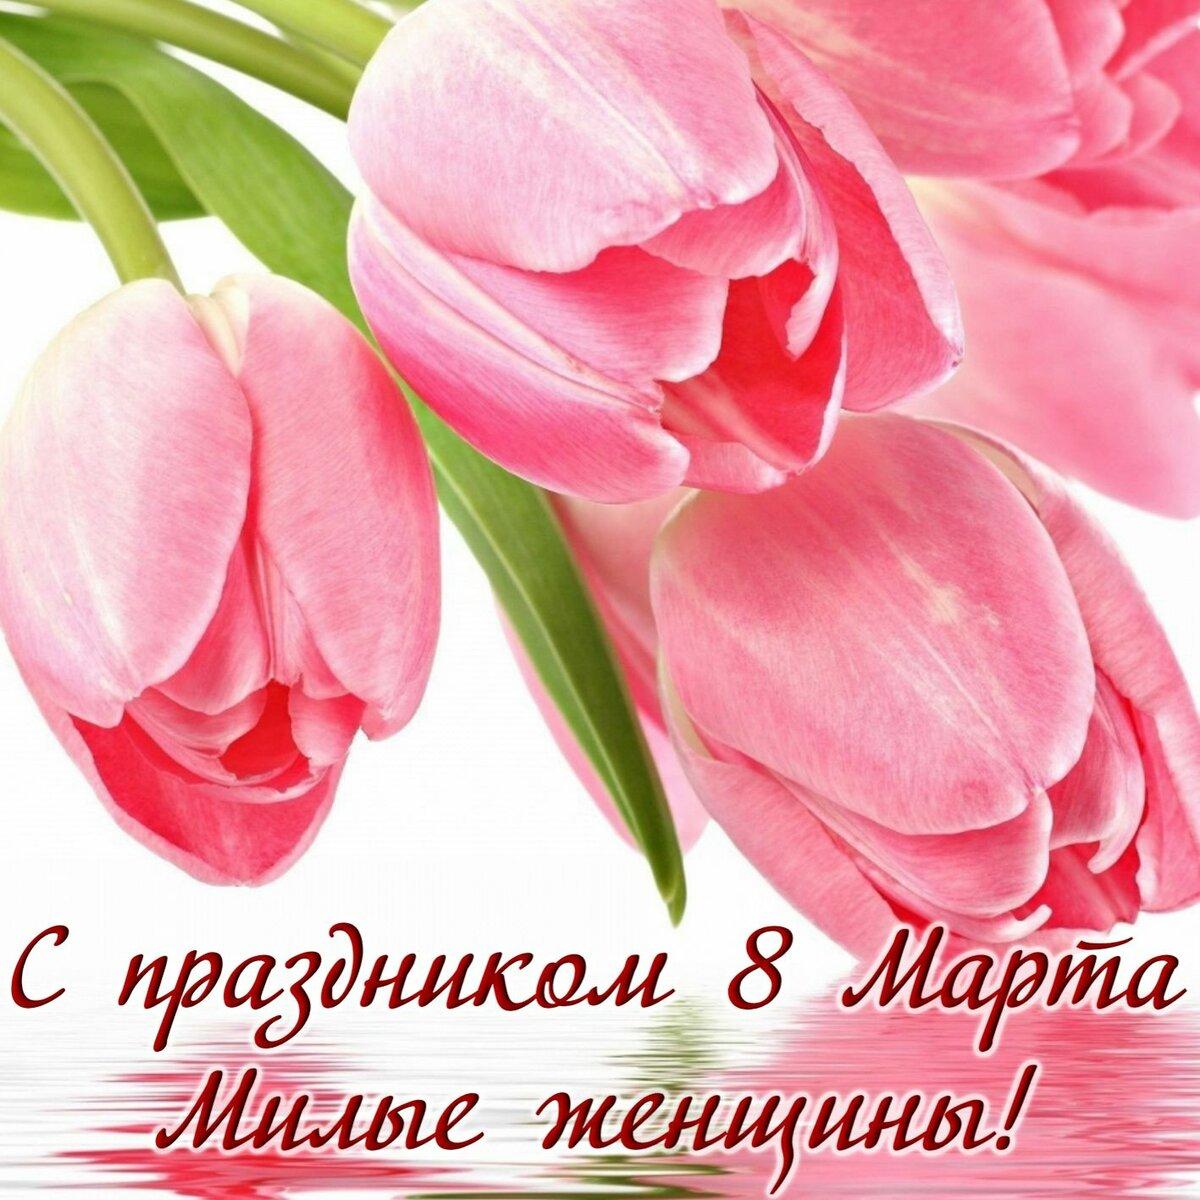 Открытки новосельем, красивые открытки и фото к 8 марта